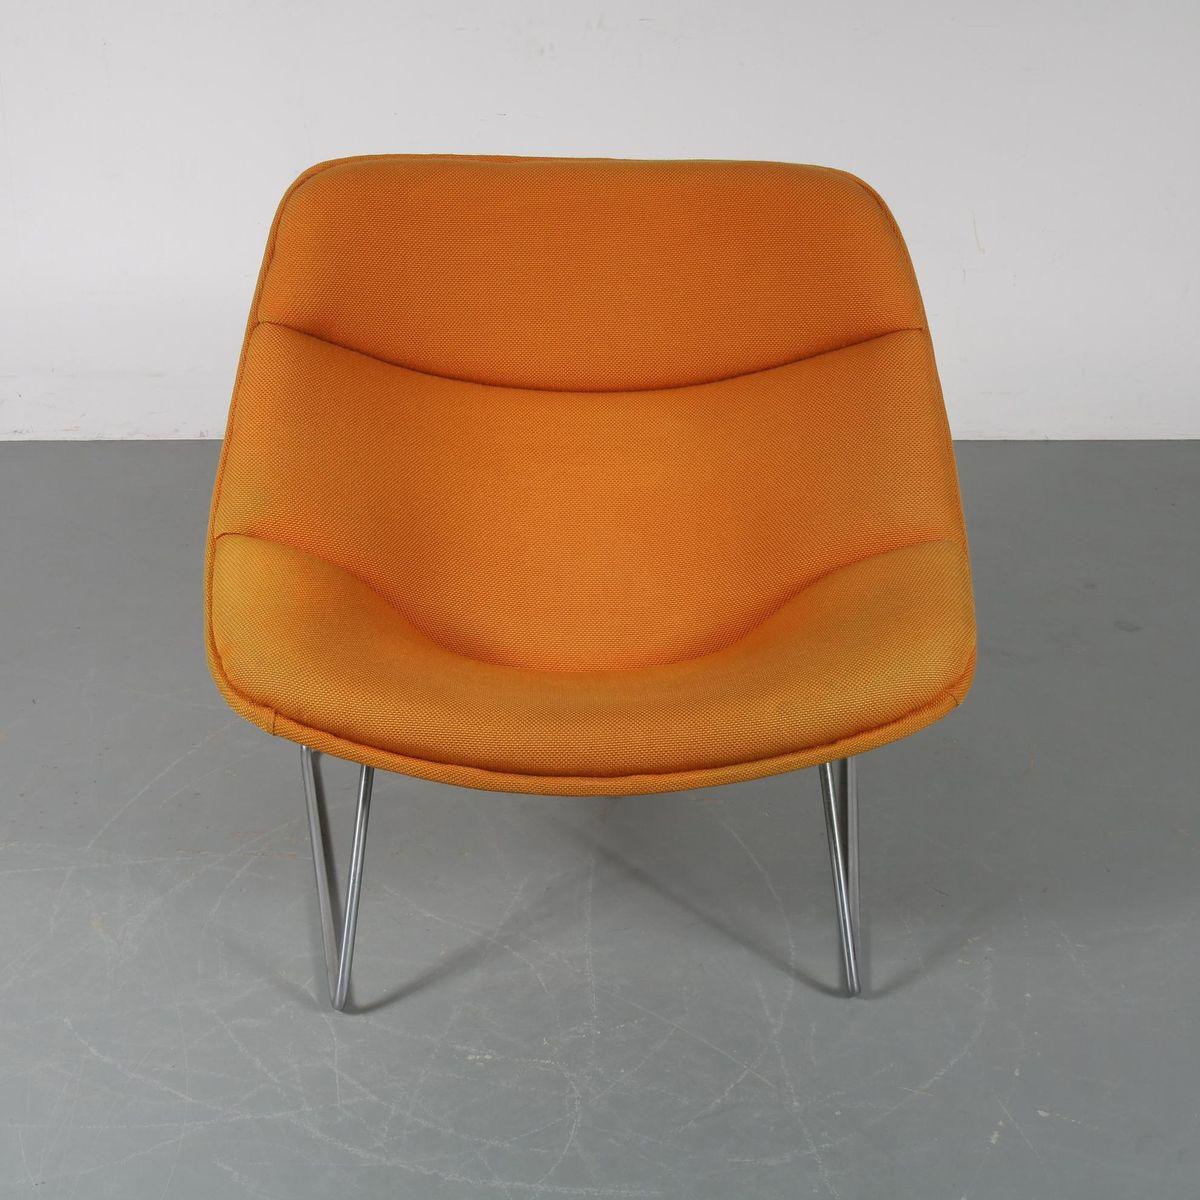 fauteuil mod le f558 par pierre paulin pour artifort 1963 en vente sur pamono. Black Bedroom Furniture Sets. Home Design Ideas